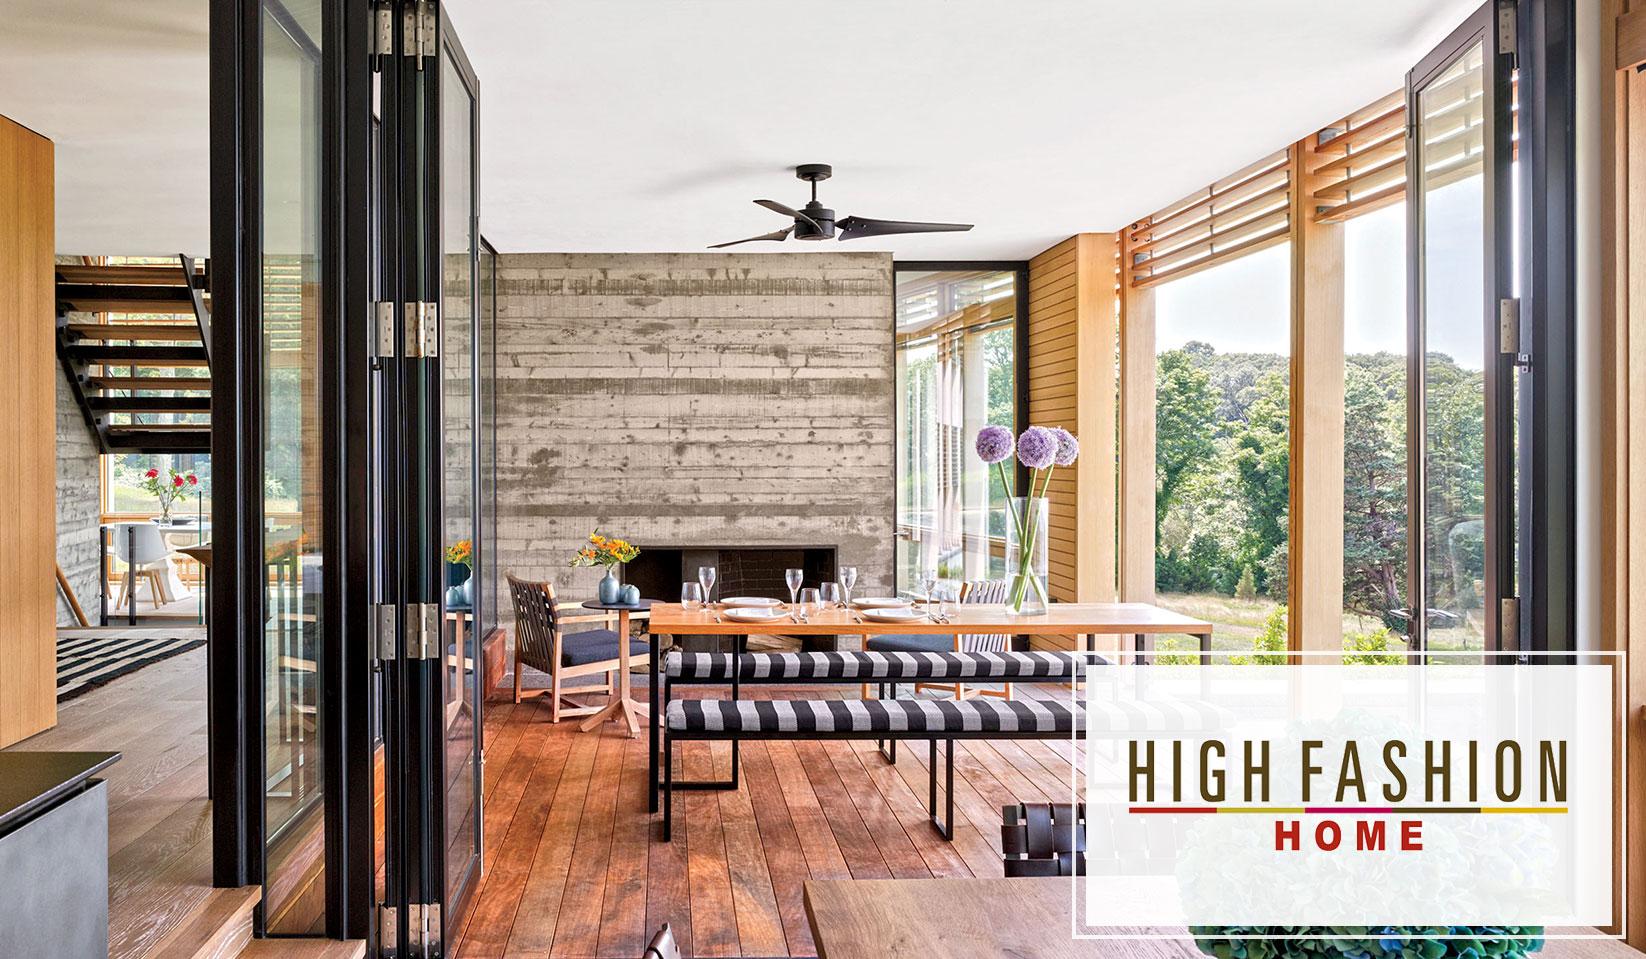 Enchanting Silk Workpage Fashion Home 1 Fashion Home Hours Fashion Home Store Hours houzz-03 High Fashion Home